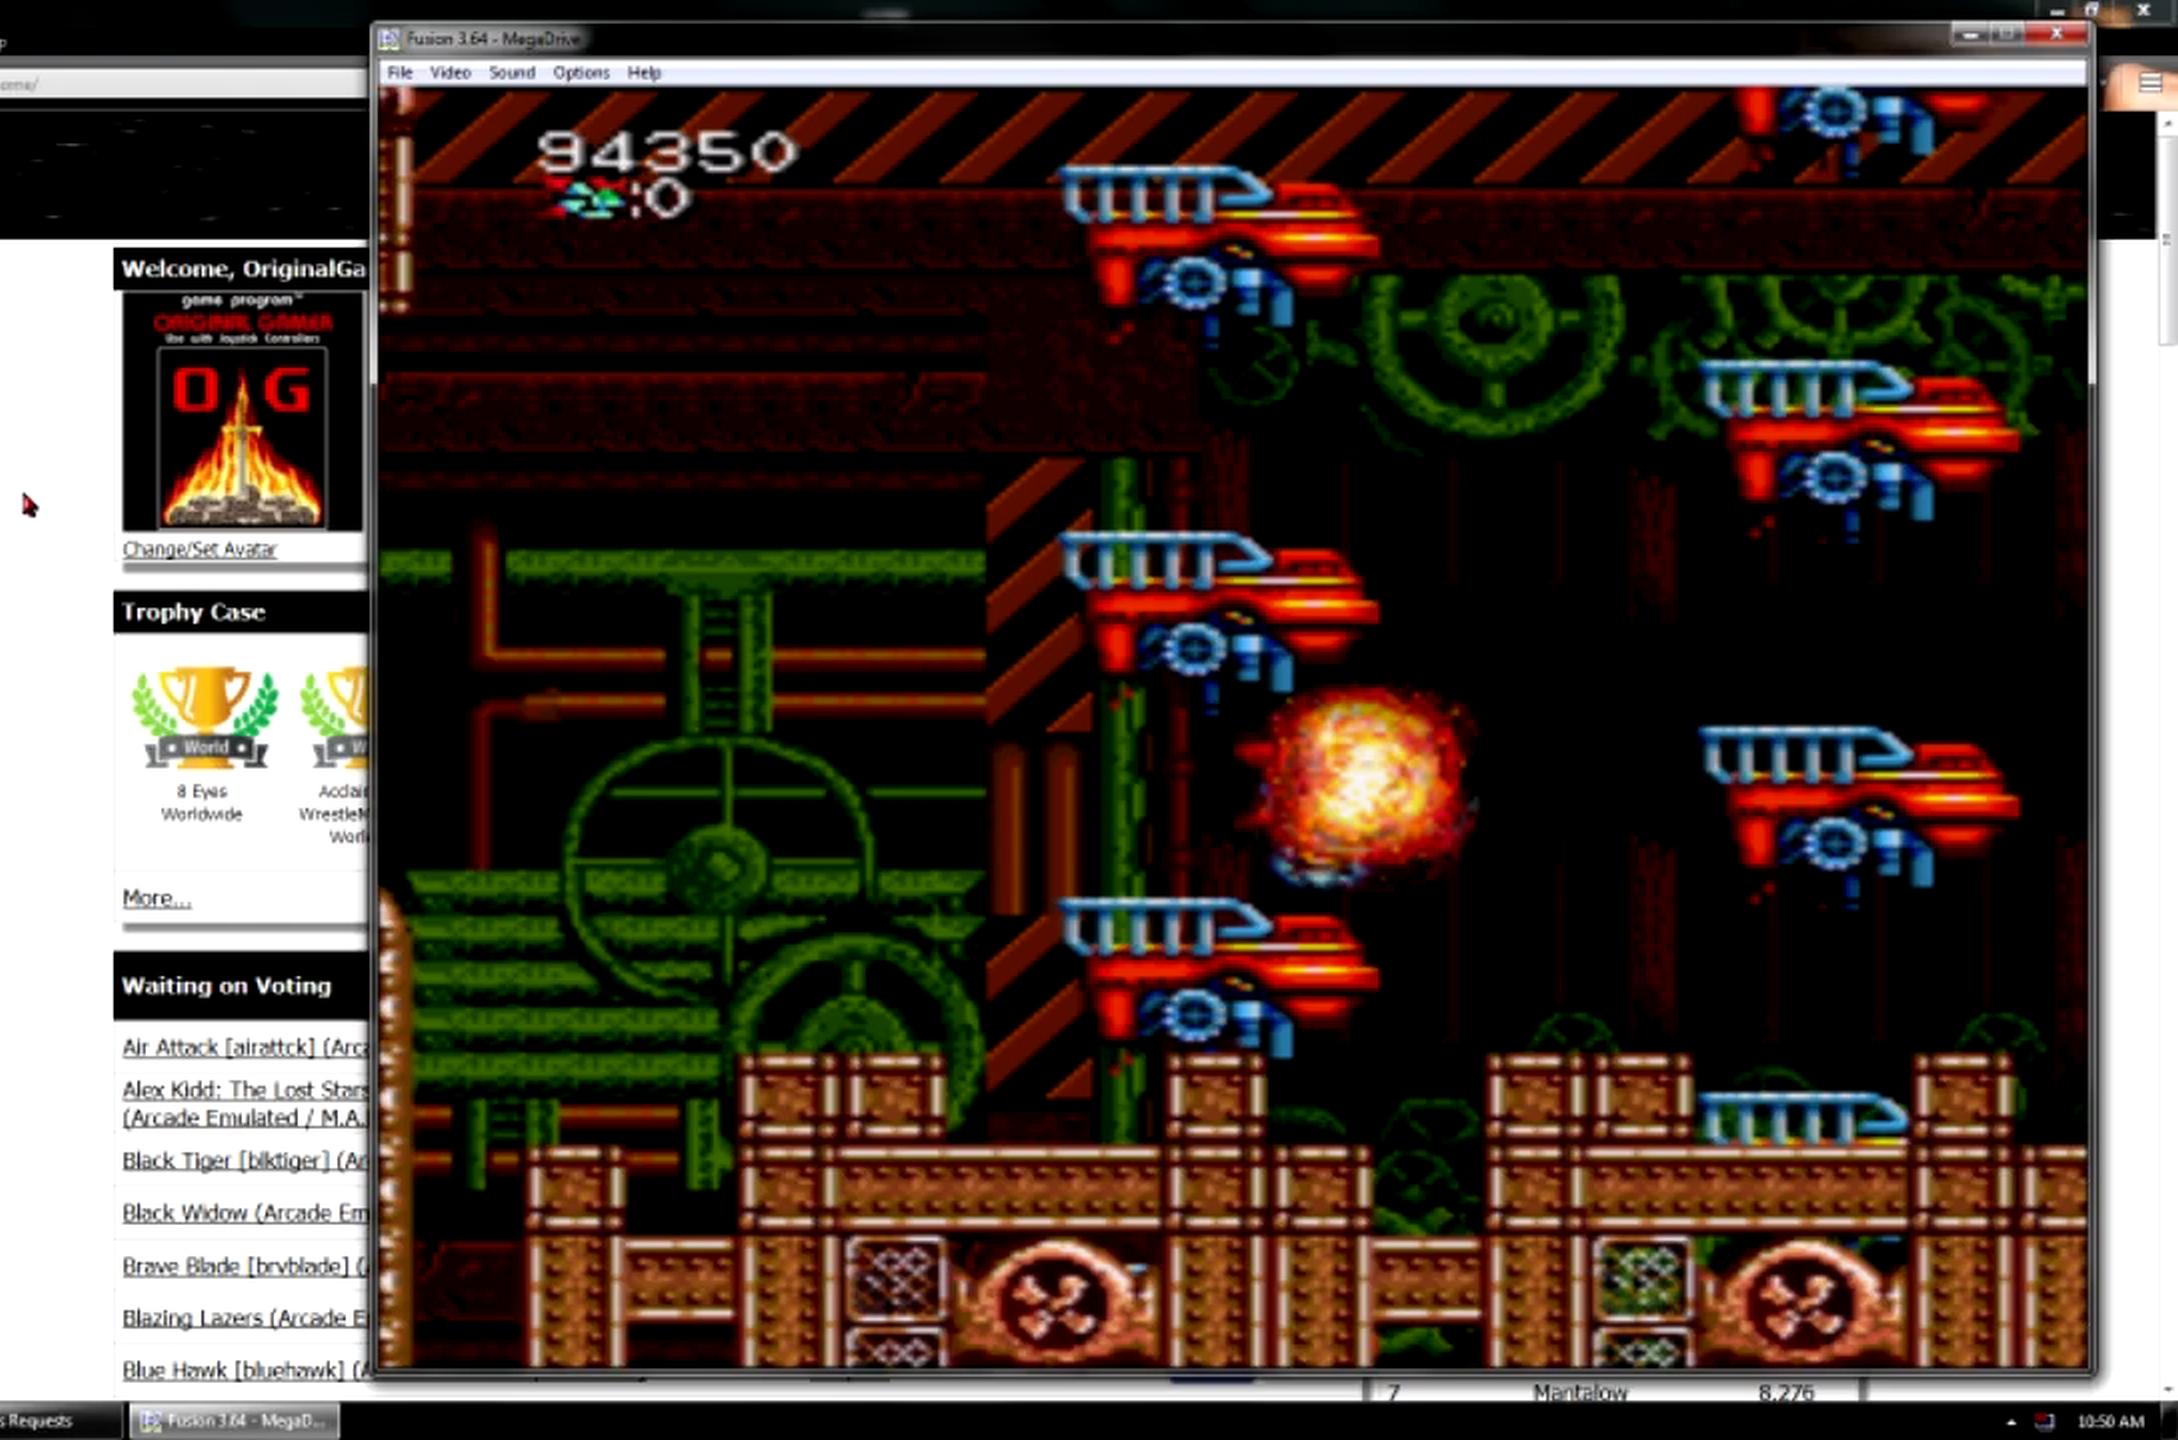 OriginalGamer: Heavy Unit: Mega Drive Special [Normal/3 Lives/Rapid Off] (Sega Genesis / MegaDrive Emulated) 94,350 points on 2015-06-08 23:26:49